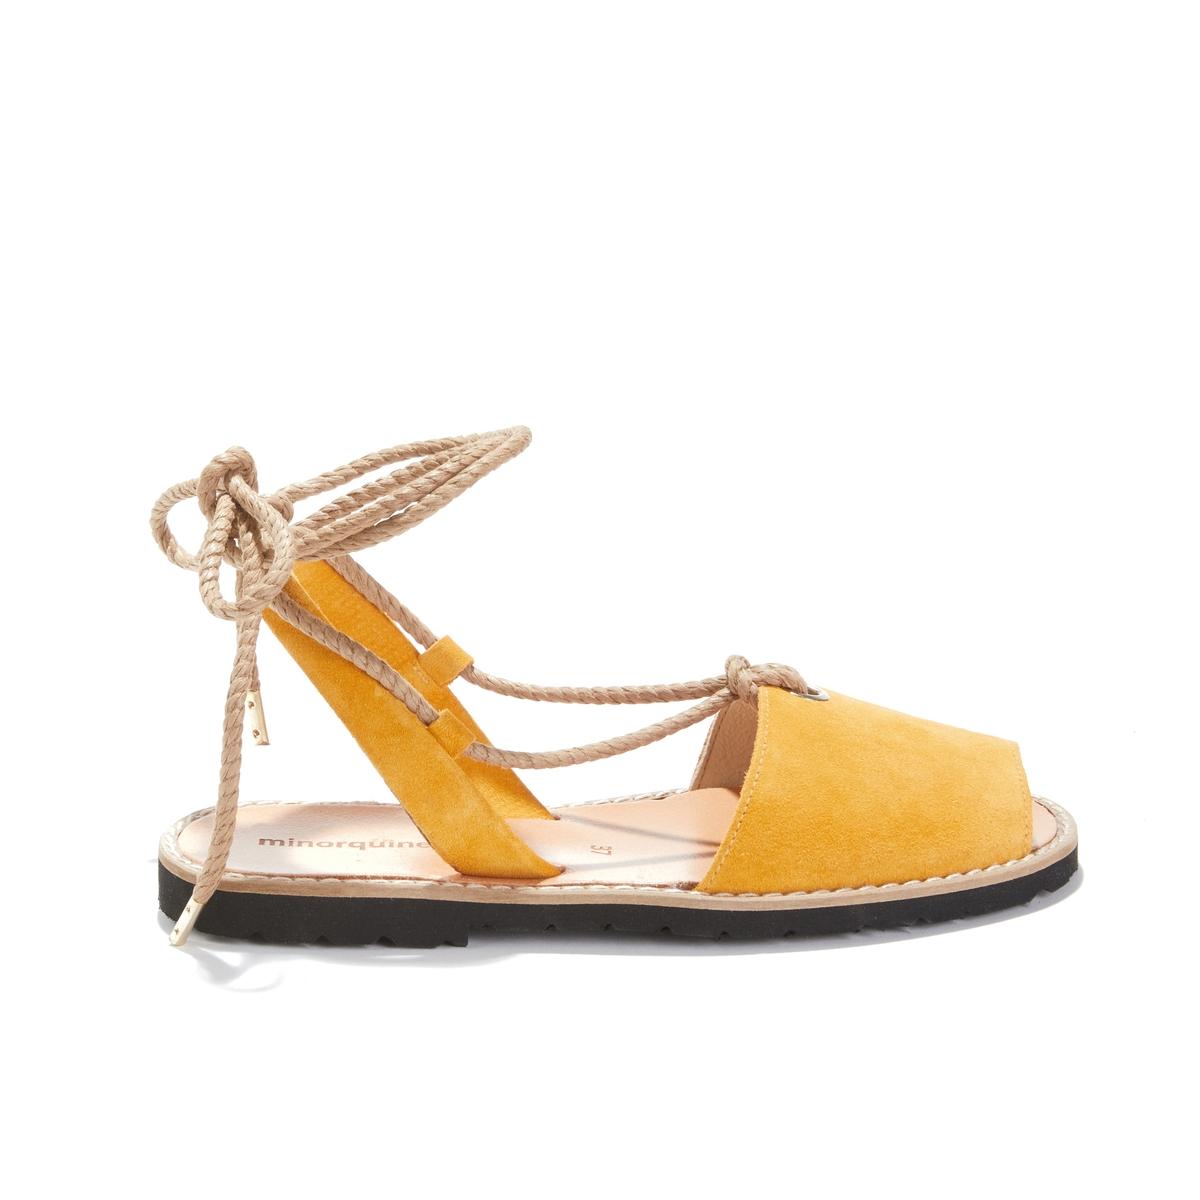 Босоножки кожаные на плоском каблуке Avarca Formentera Safran